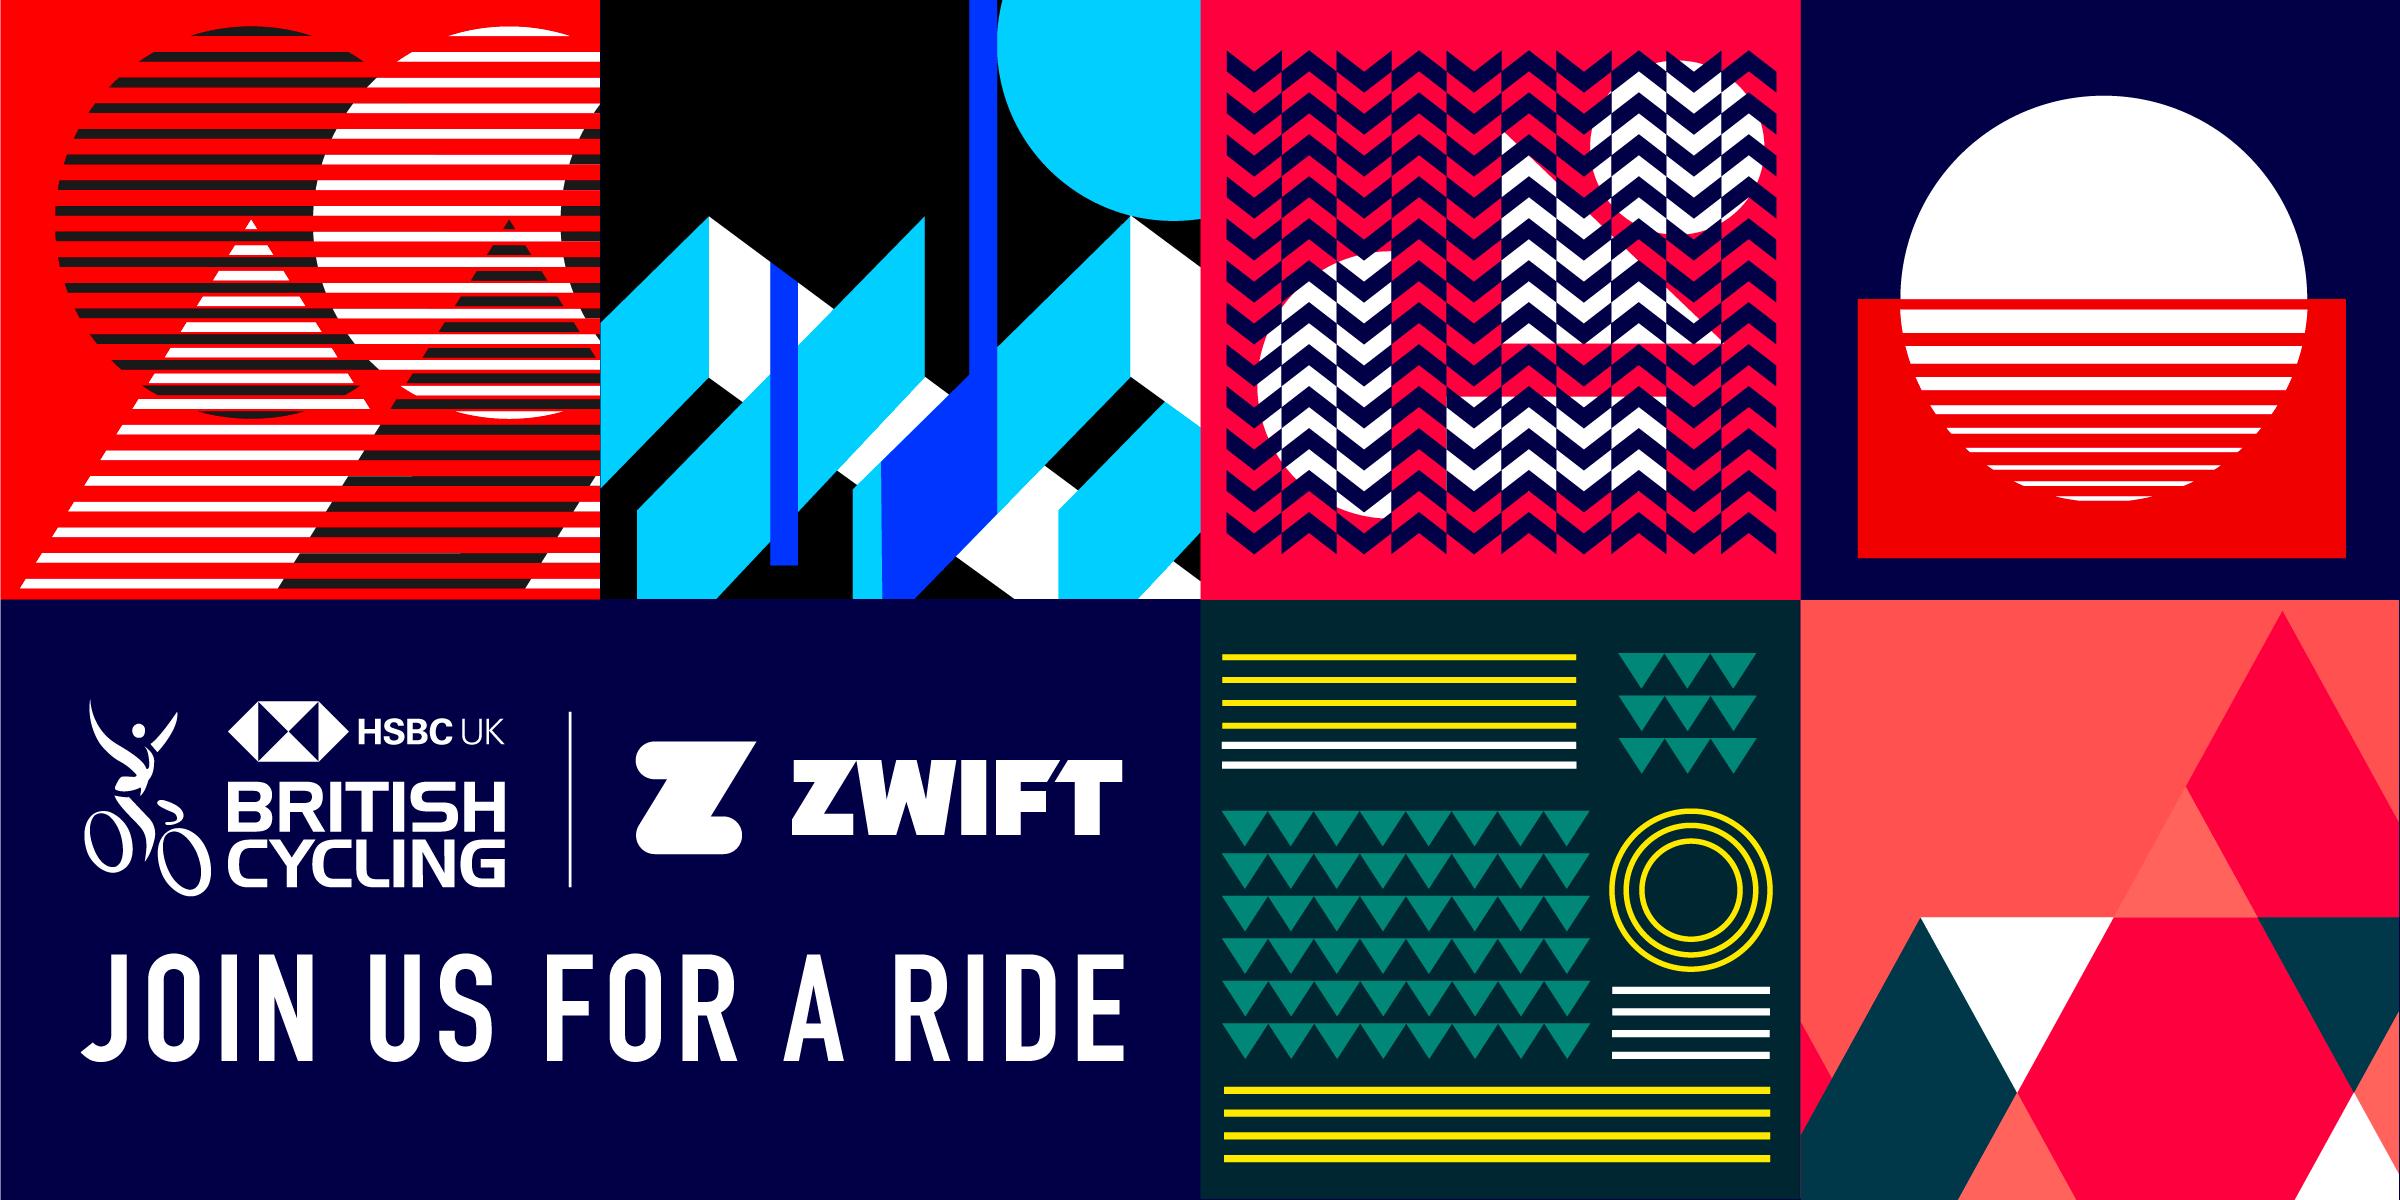 British Cycling Zwift